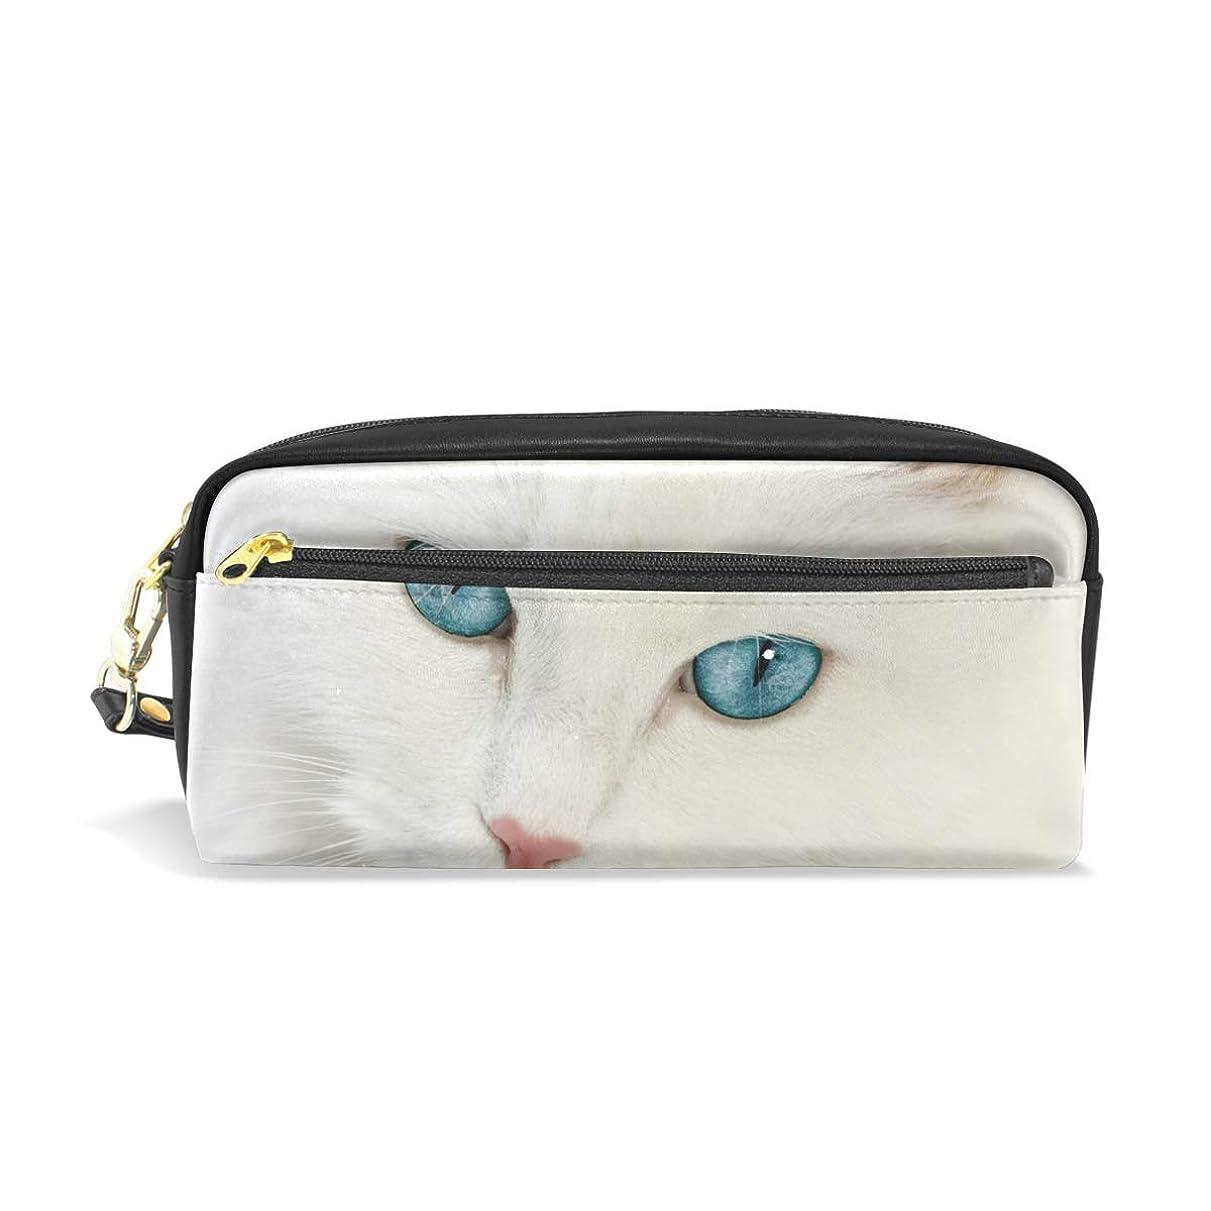 ヒューバートハドソンパシフィック読み書きのできないAOMOKI ペンケース 小物入り 多機能バッグ ペンポーチ 化粧ポーチ おしゃれ かわいい 男女兼用 ギフト プレゼント 白猫 猫柄 可愛い猫